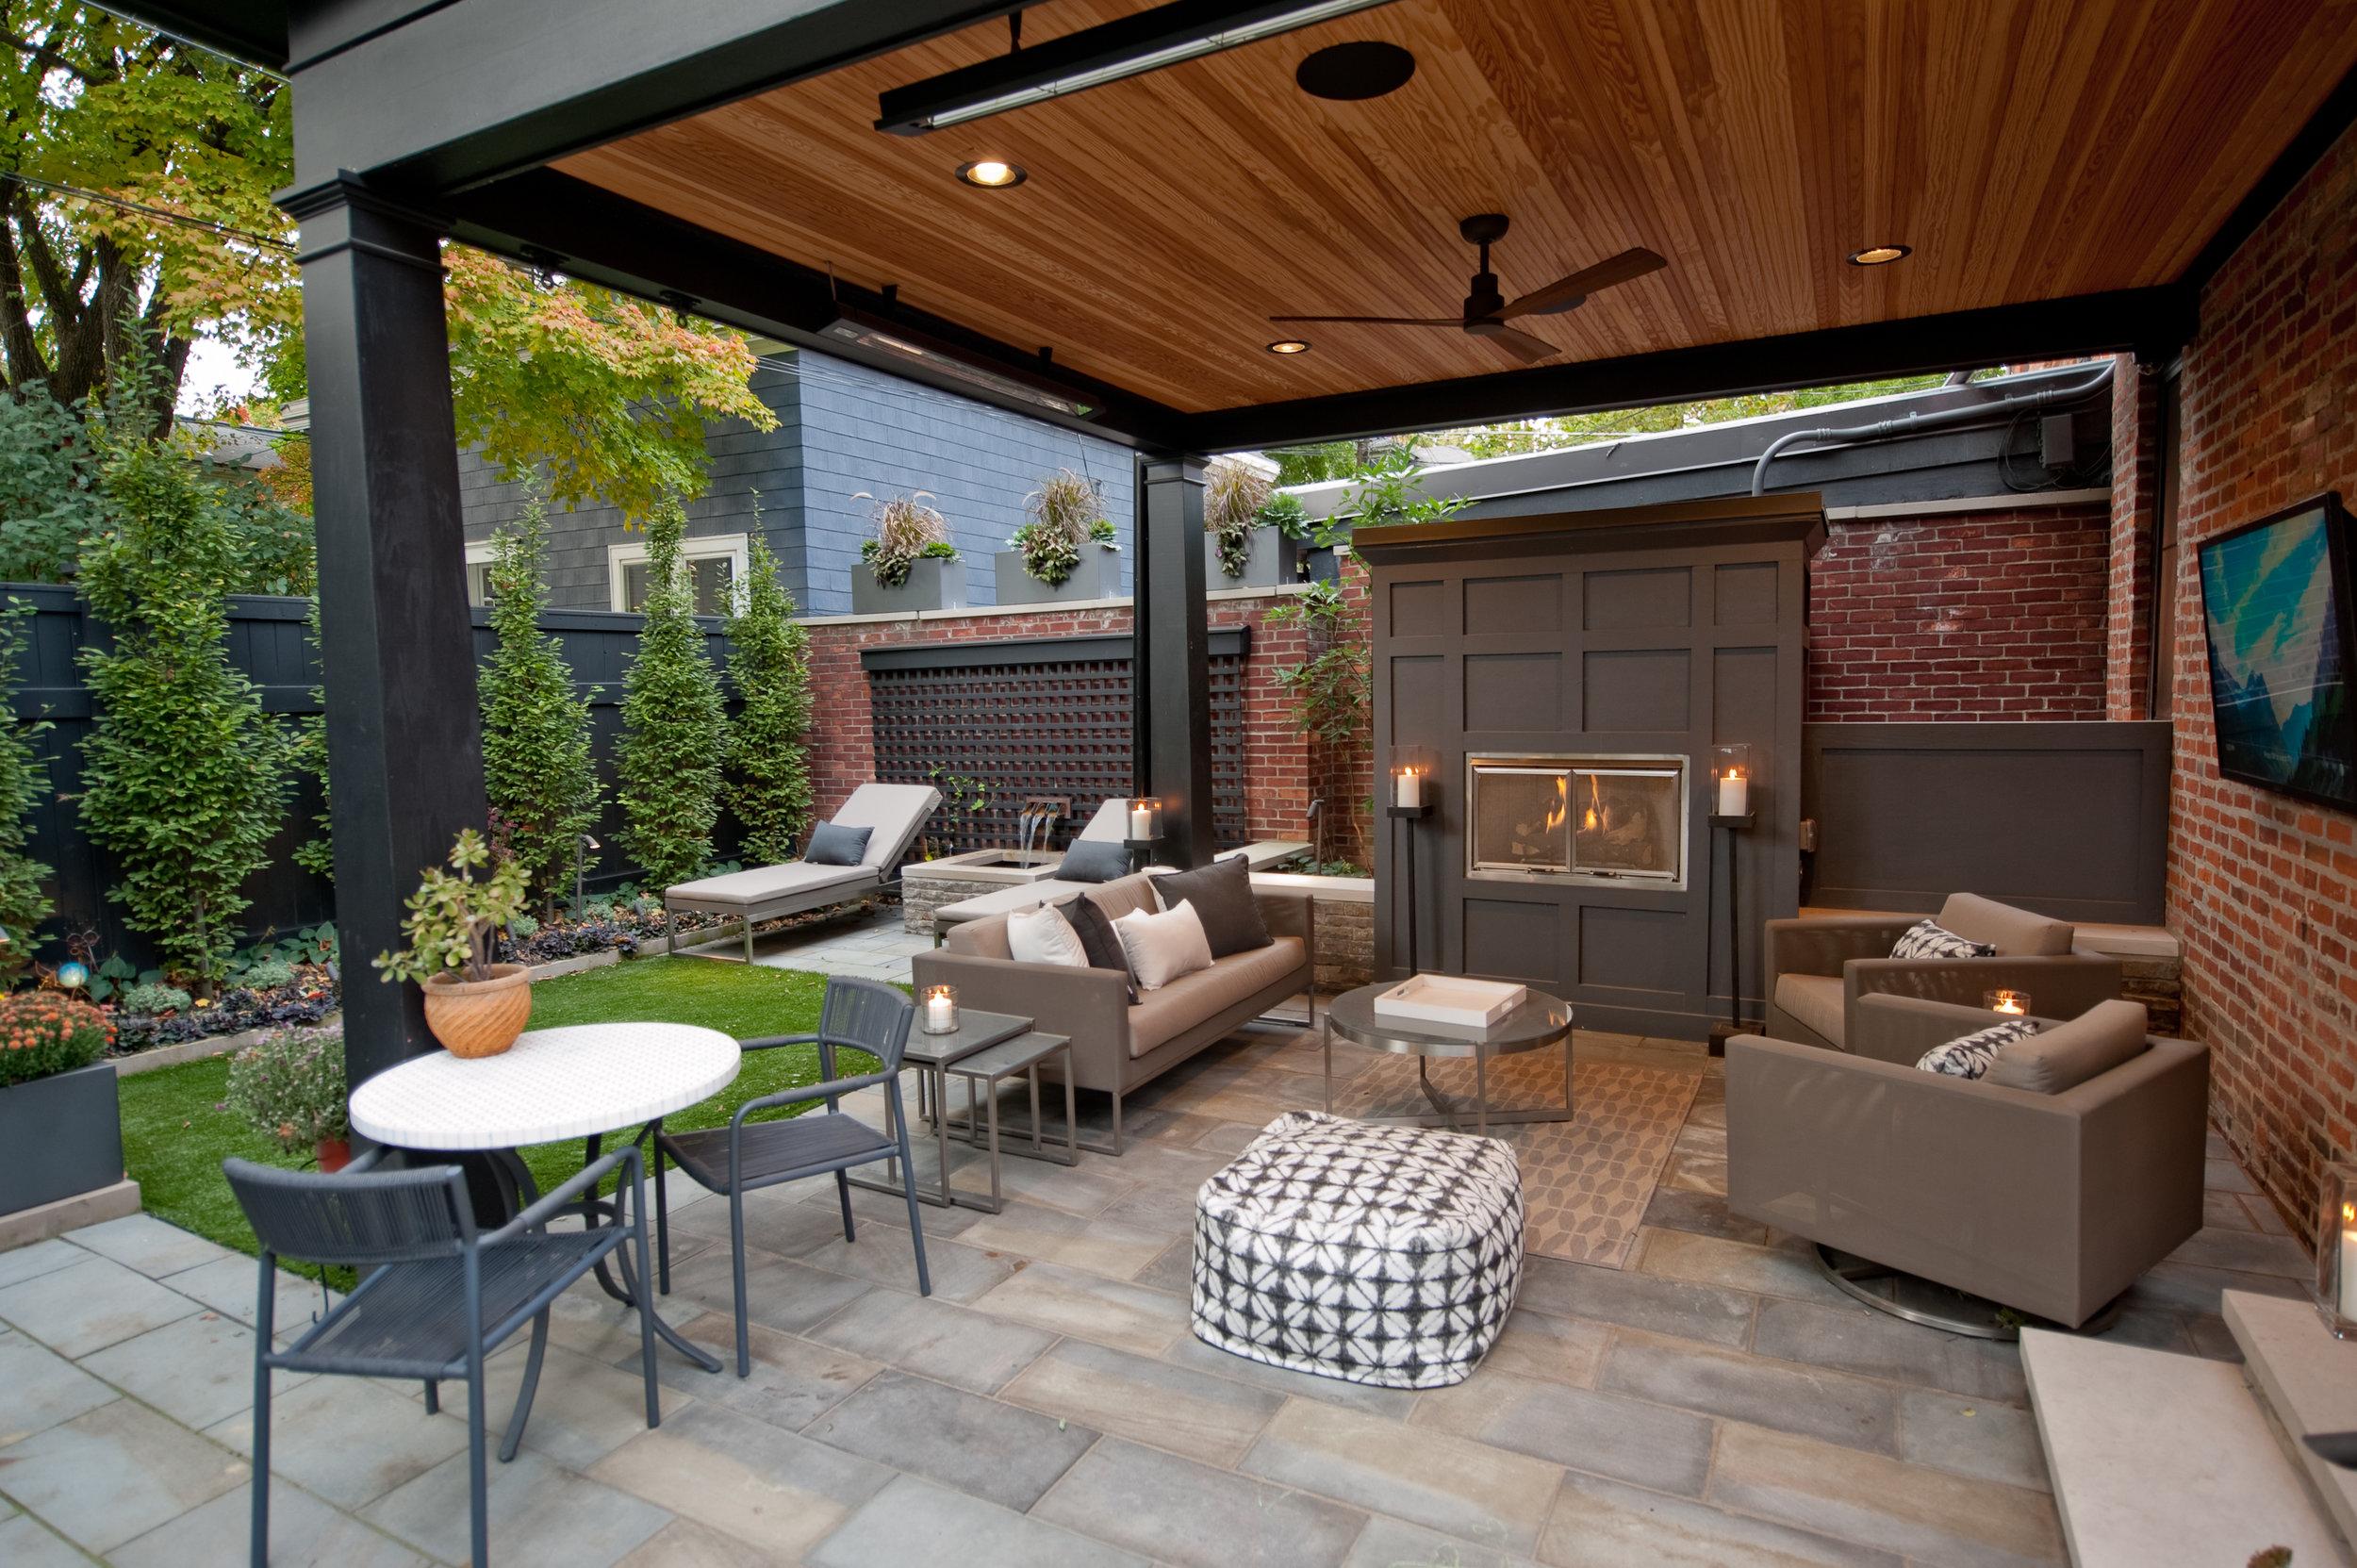 Third Street — Outdoor Space Design